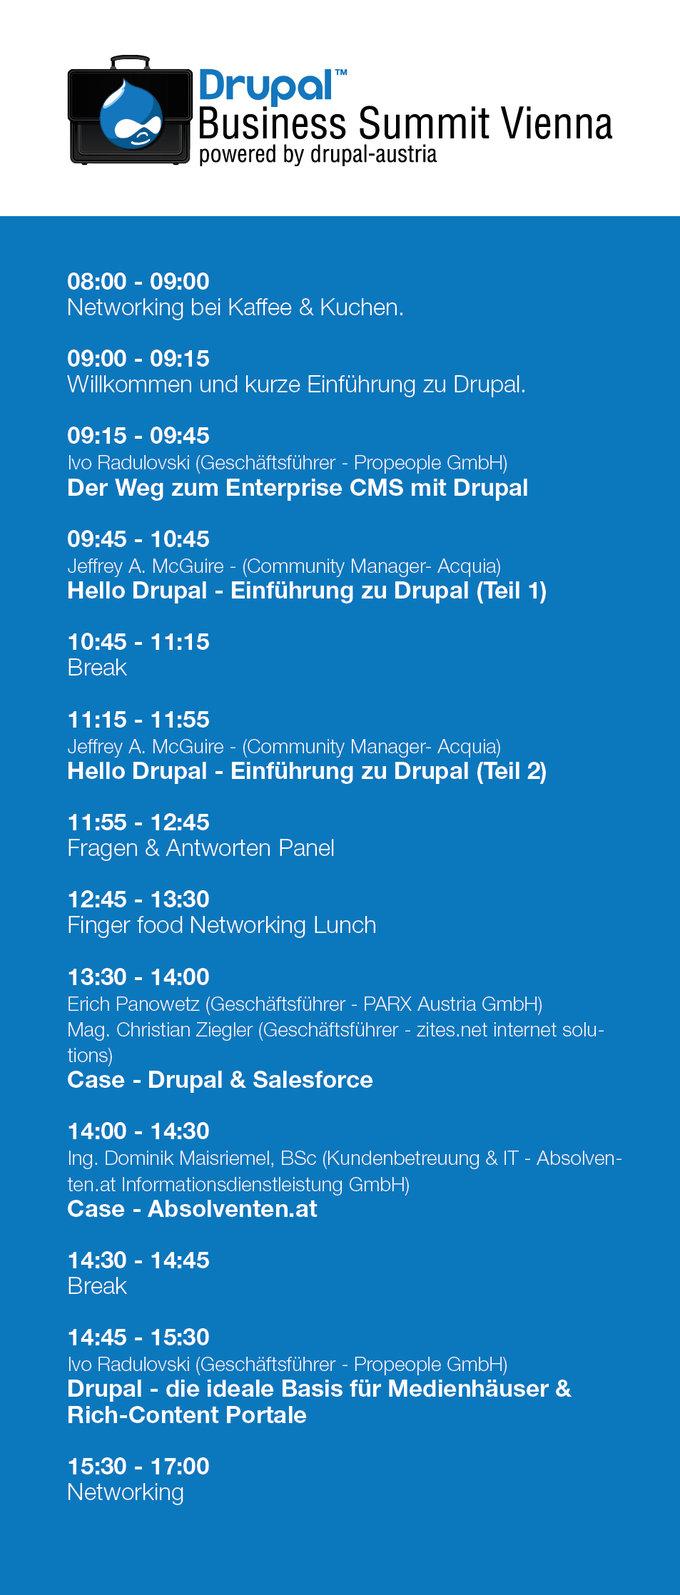 Drupal Business Summit Vienna Flyer Back